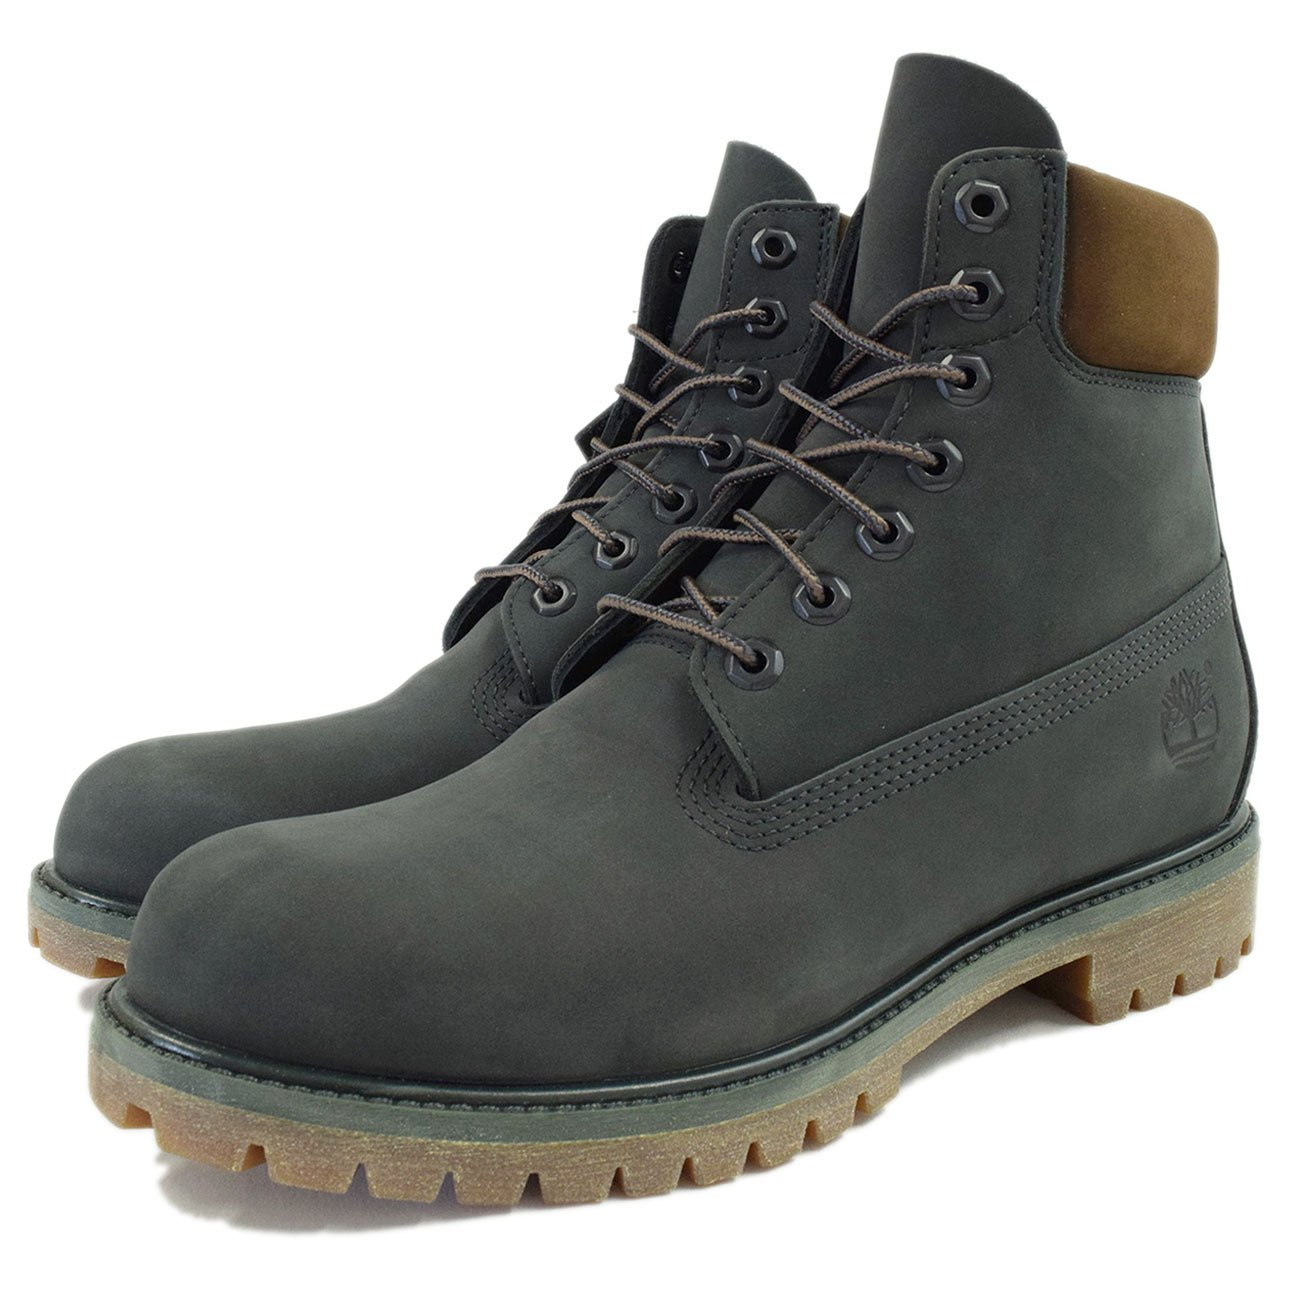 (ティンバーランド) Timberland ブーツ メンズ アイコン 6インチ プレミアム ダークアーバン シック ウォーターバック ヌバック B01LX3A114 26.0 cm